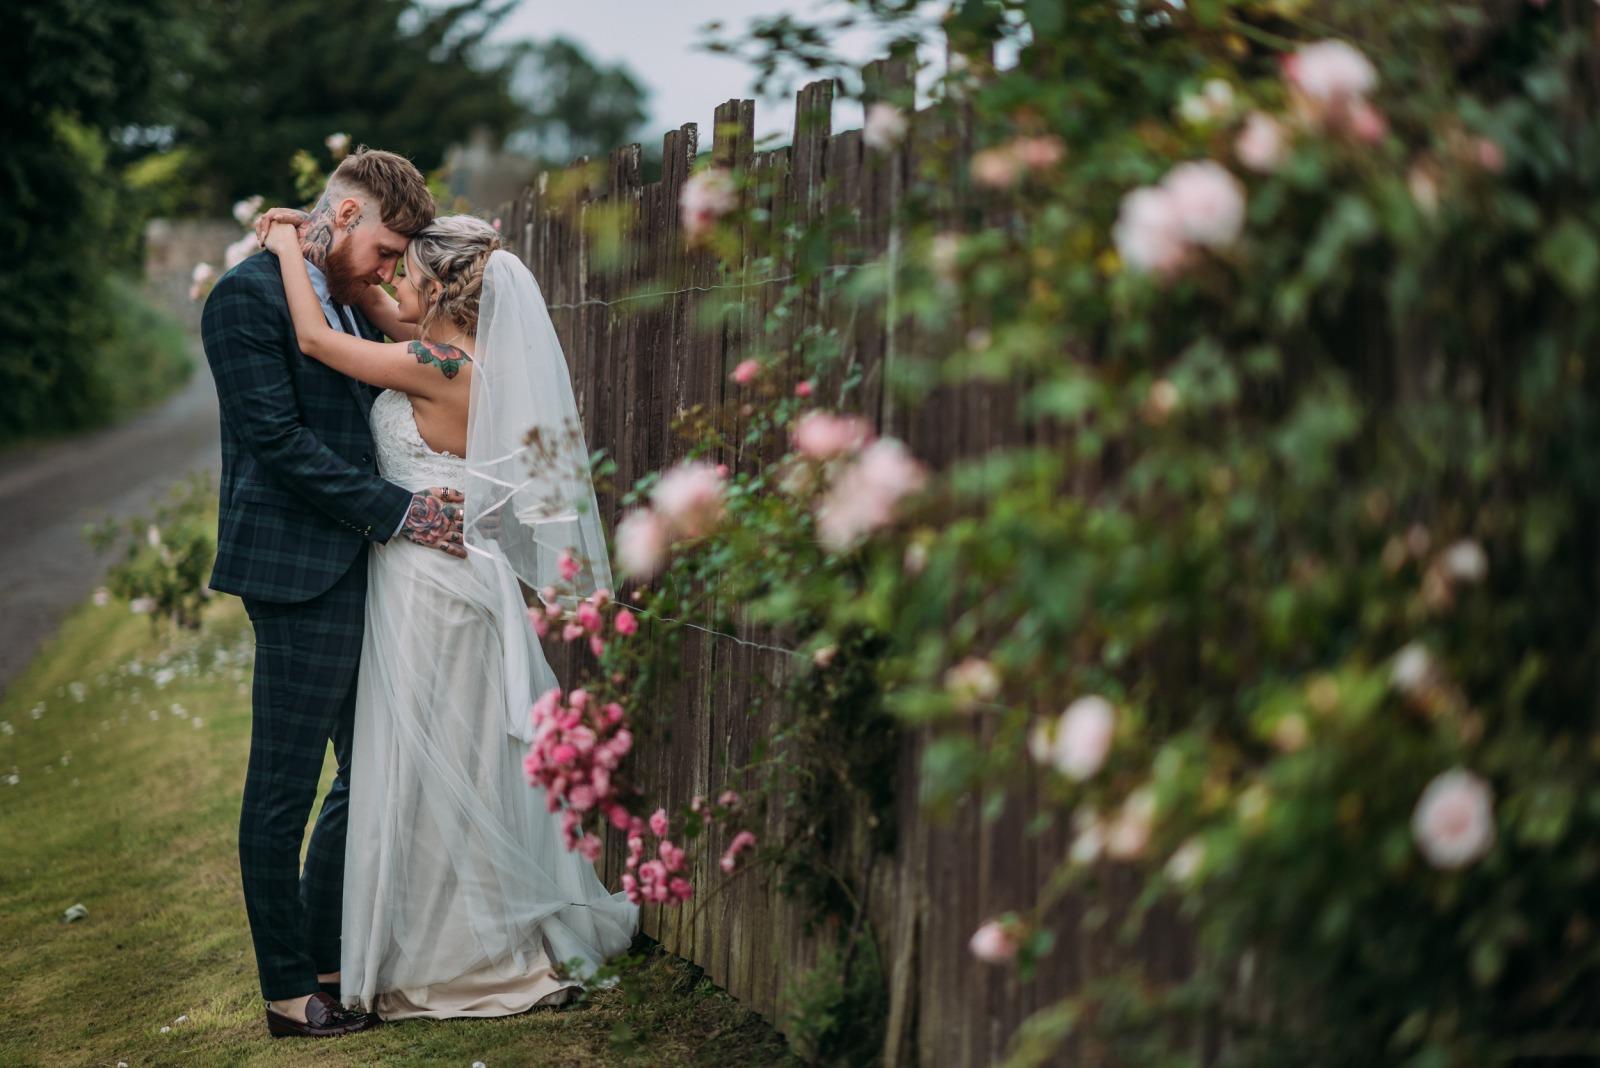 tasha-and-colin-fife-wedding-438-of-624